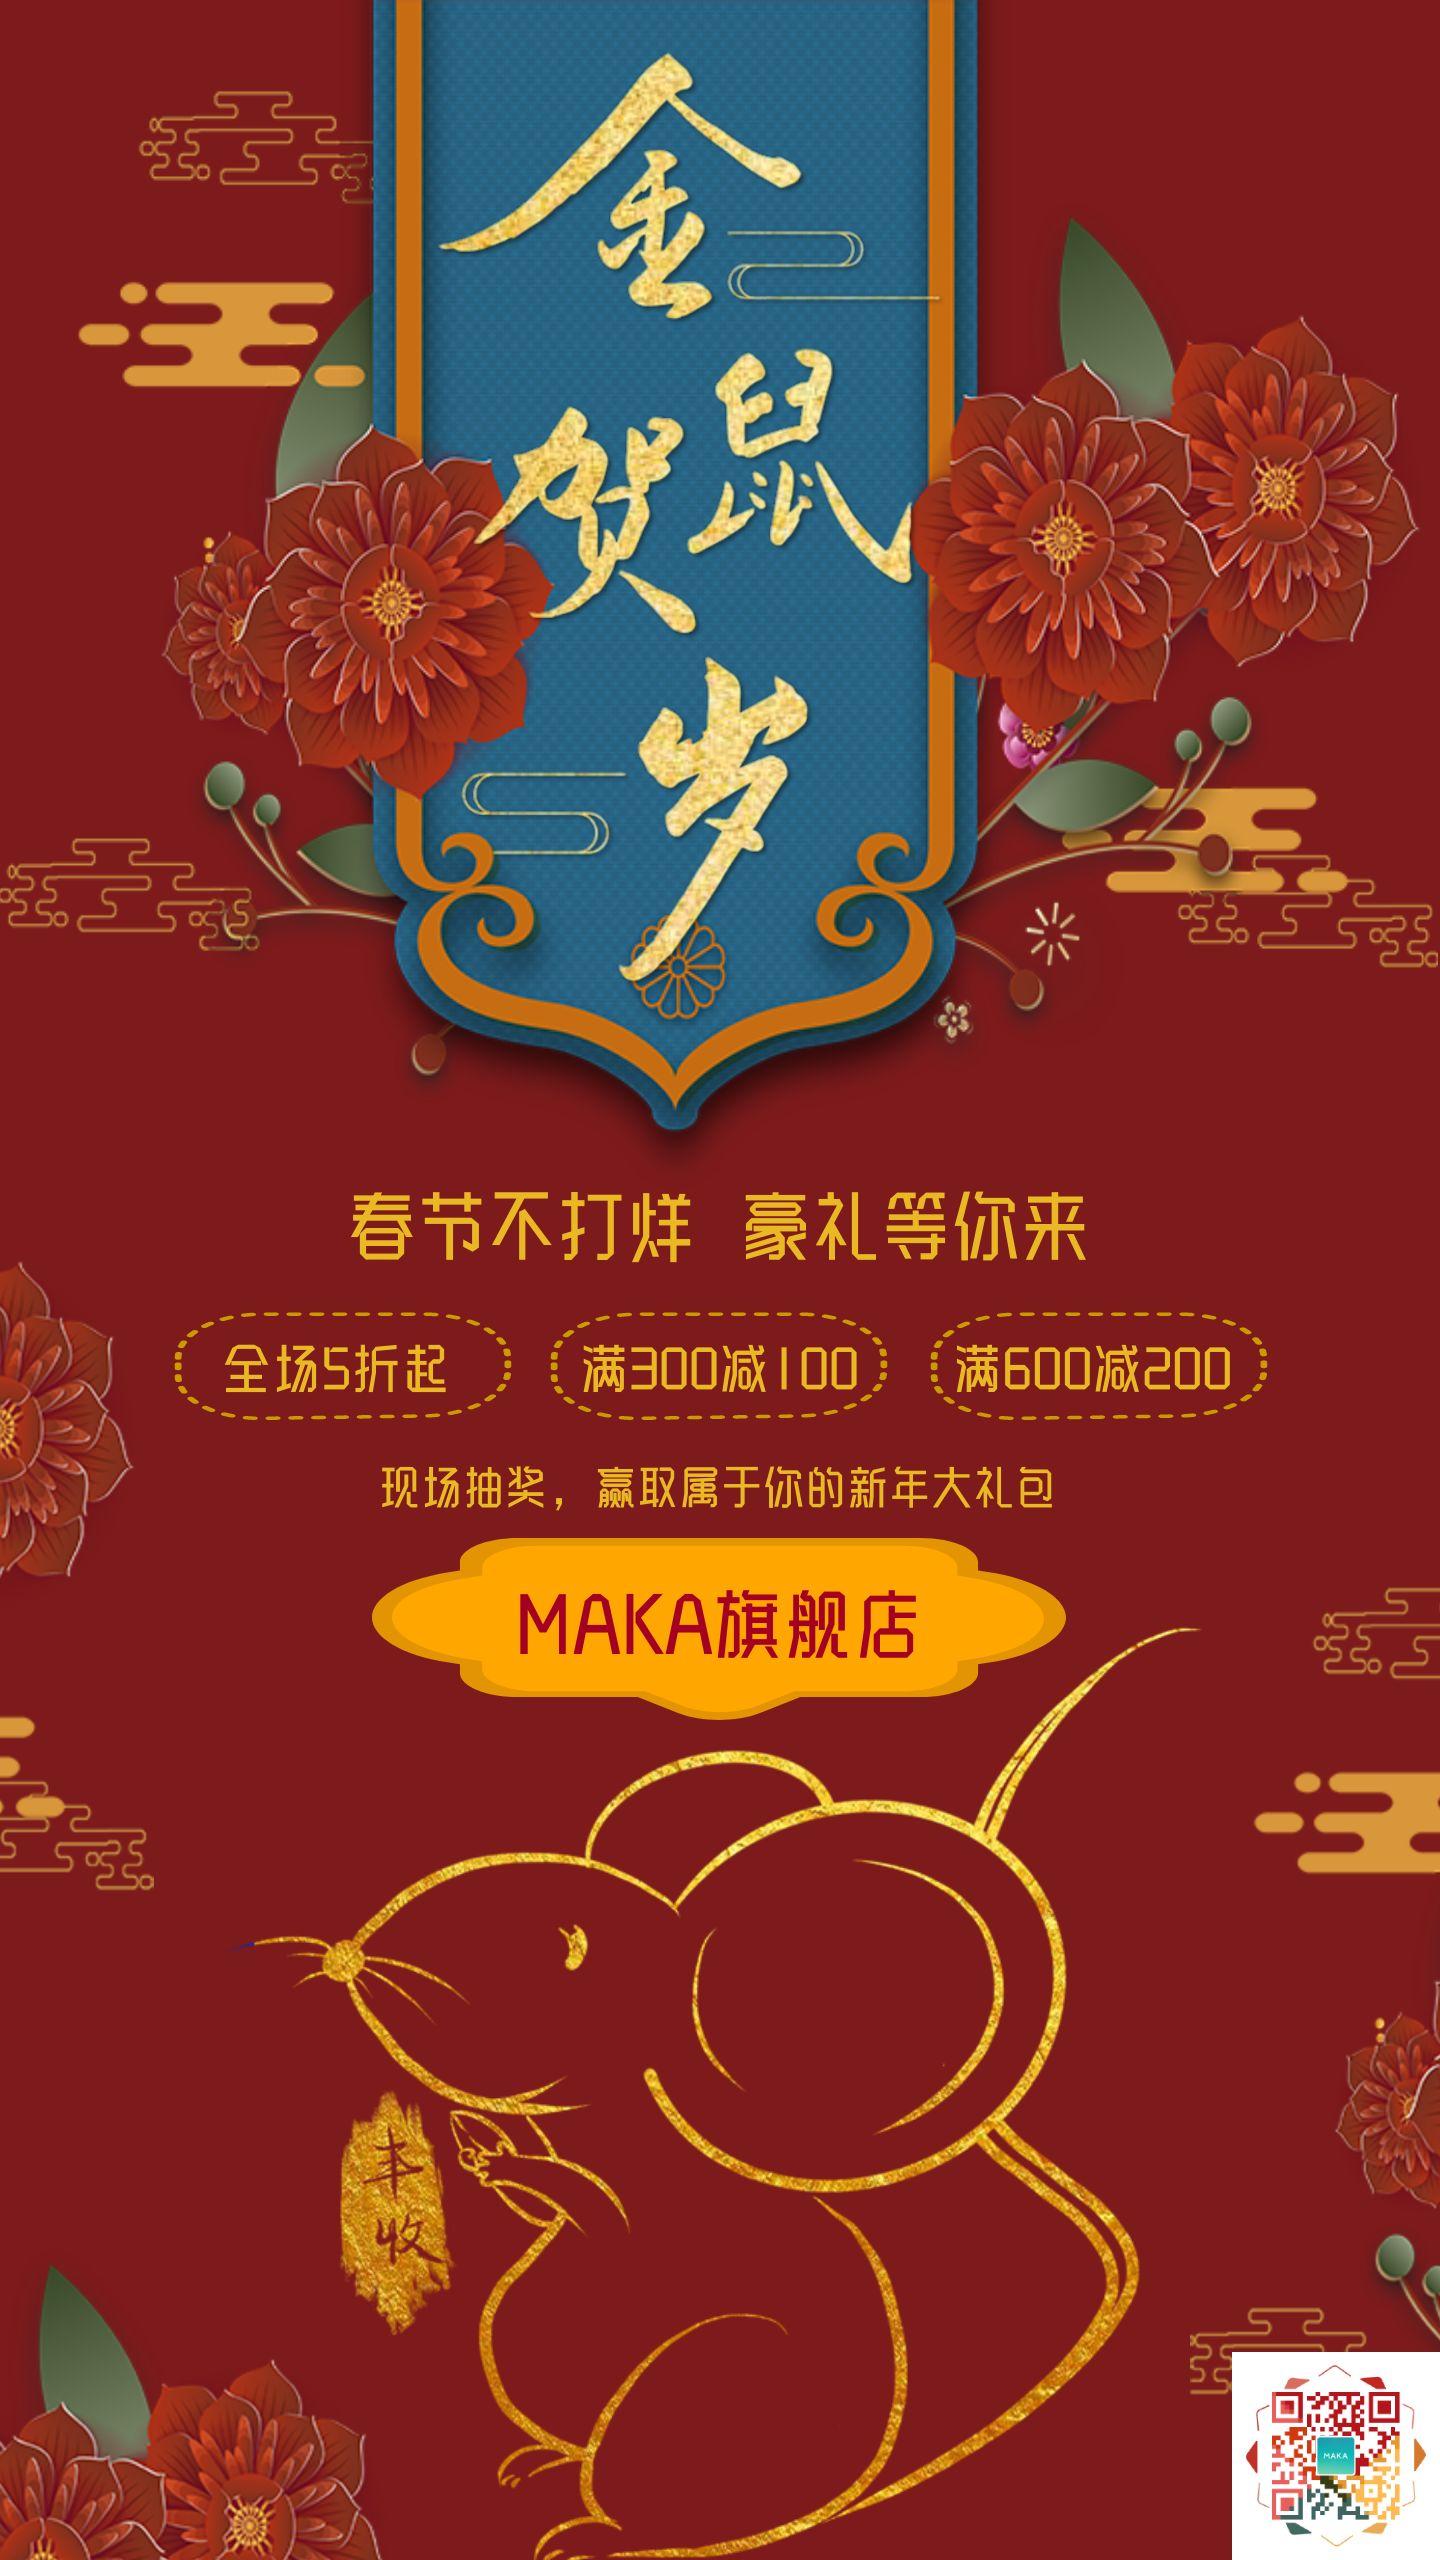 中国风烫金红色新年春节年货产品促销宣传海报